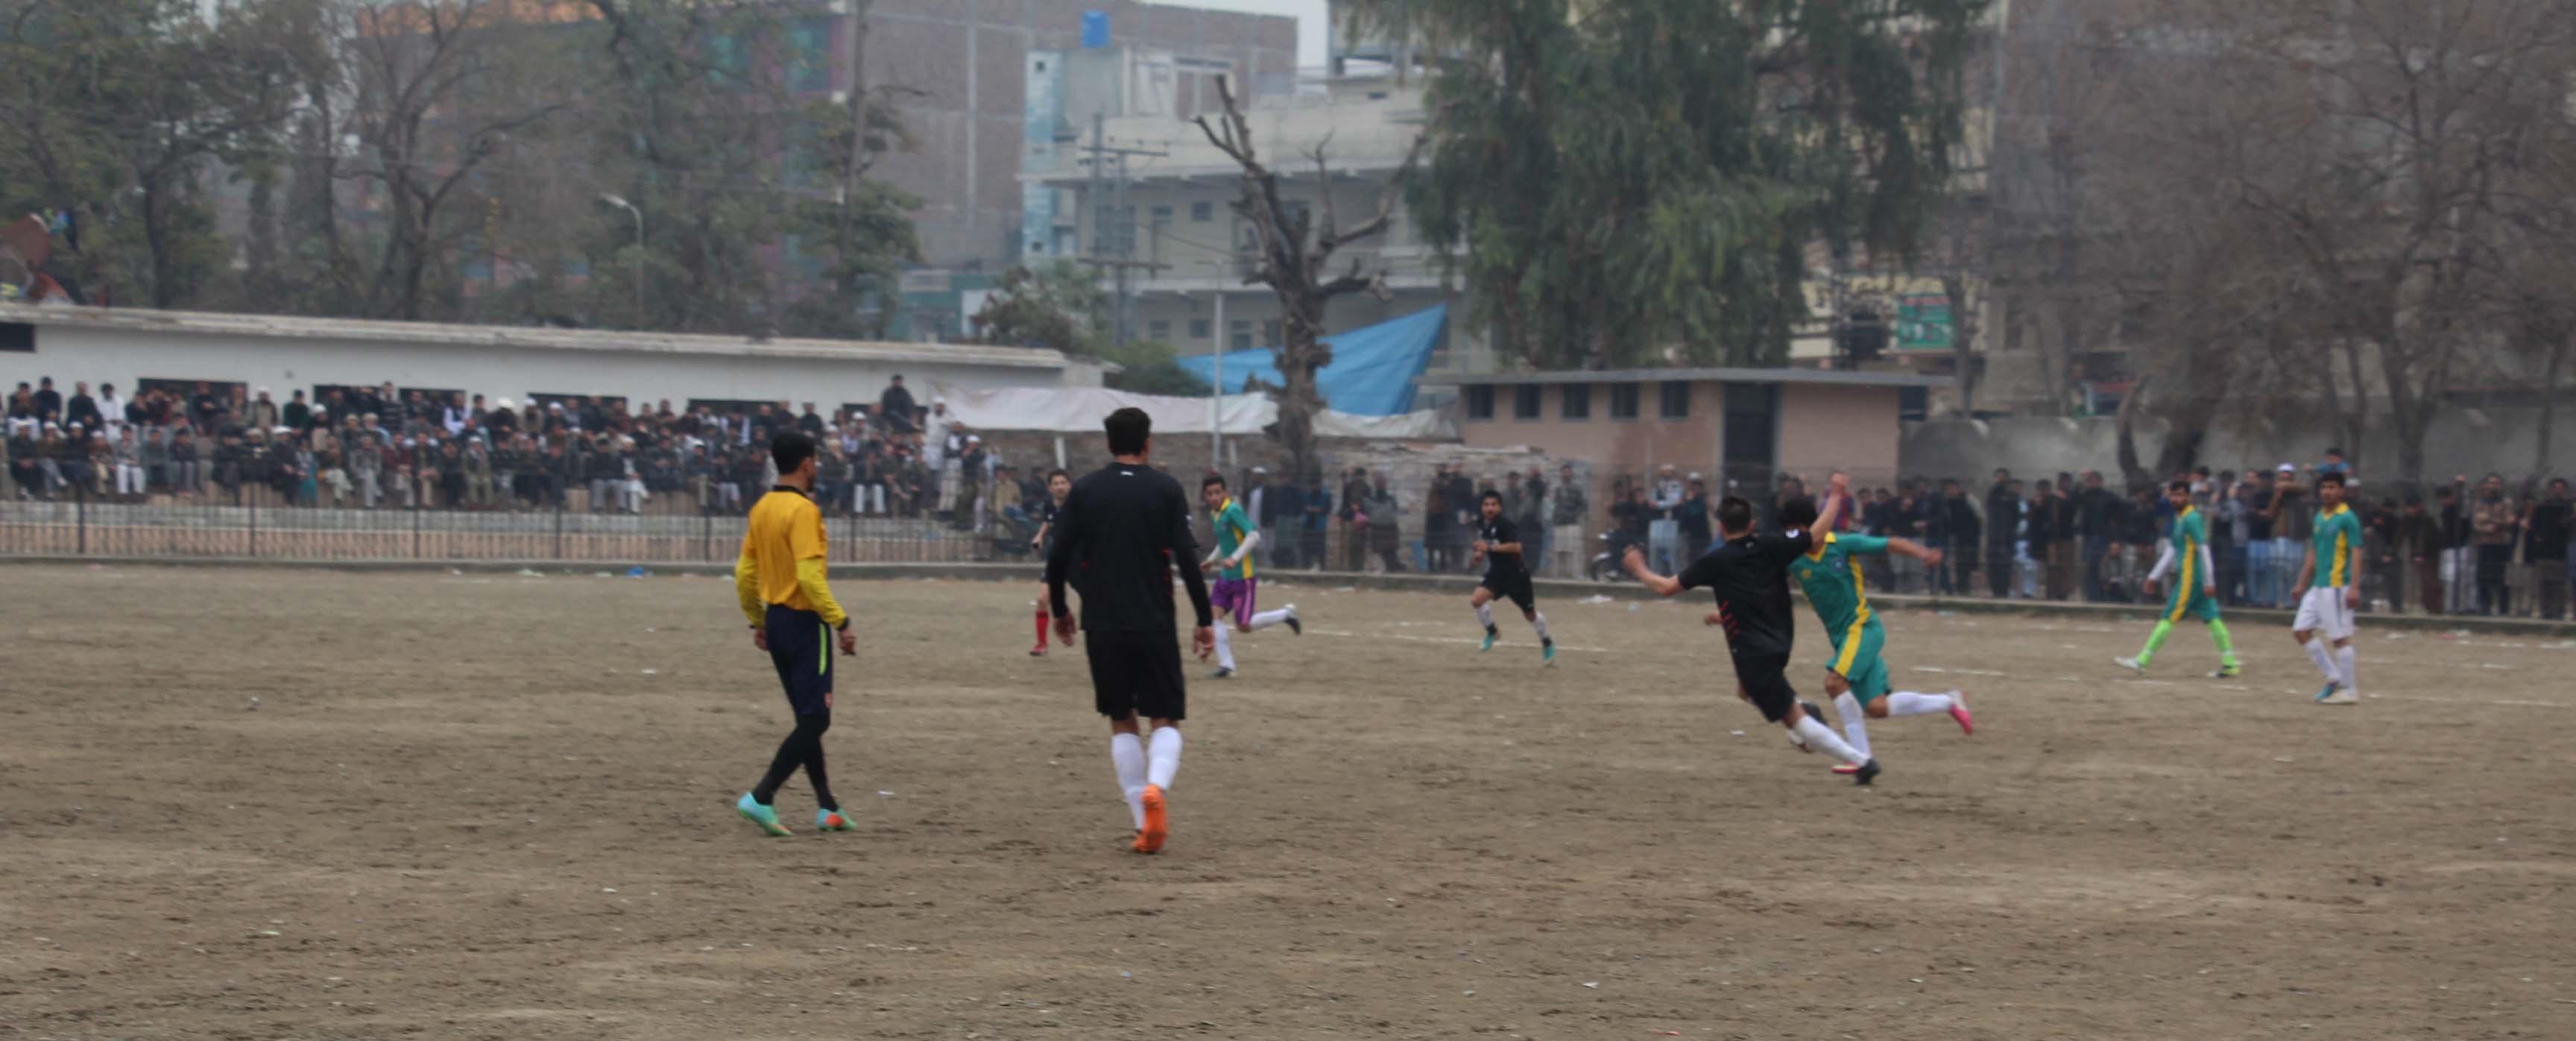 چترال، حیات کلب نے نوجوان نیشکو ٹیم کو صفر کے مقابلے میں ایک گول سے شکست دے کر فٹبال چیمپین شپ جیت لی